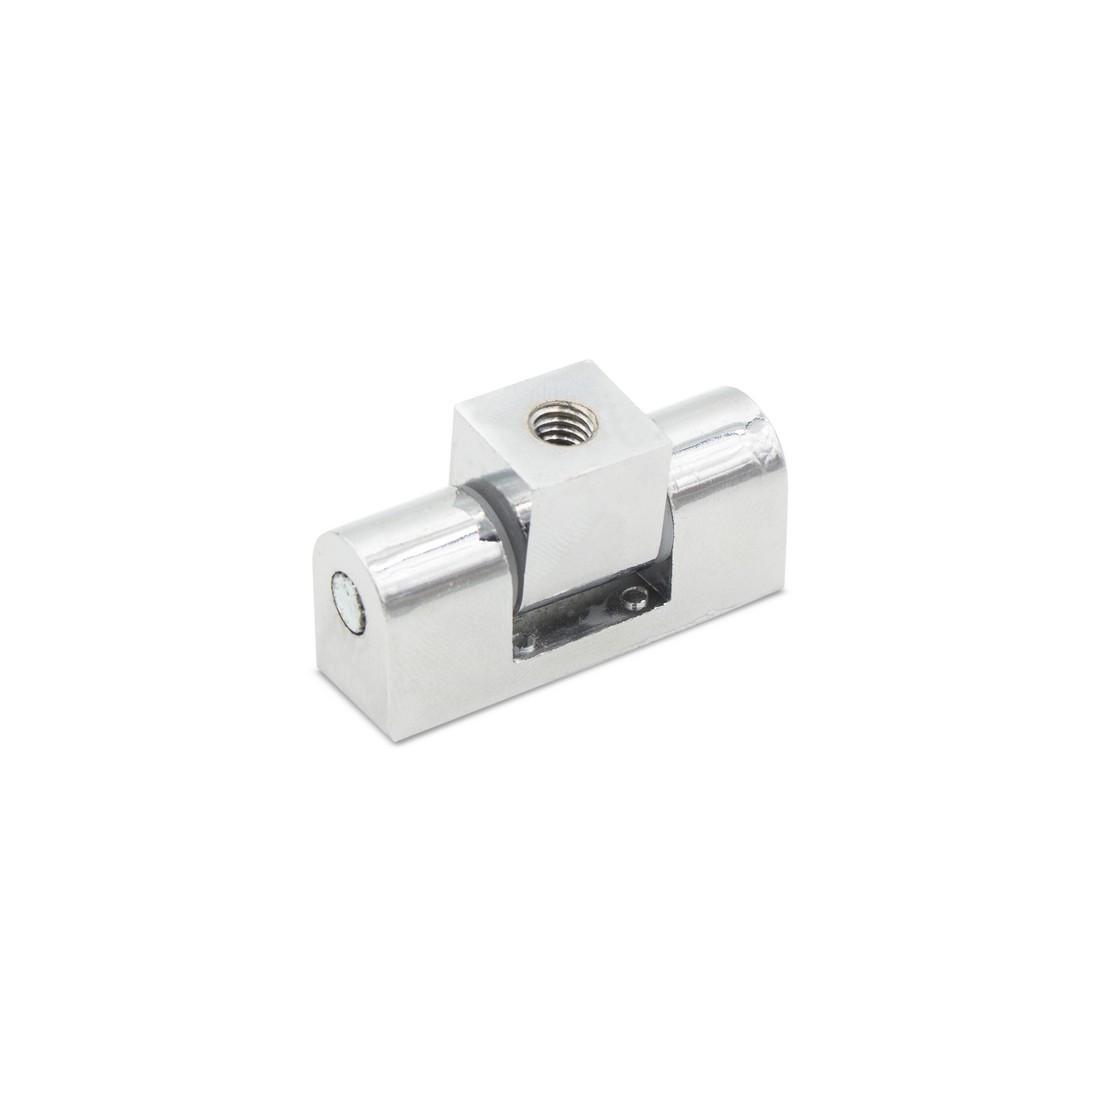 Навес металлический для щита (шкафа) JL 45-1